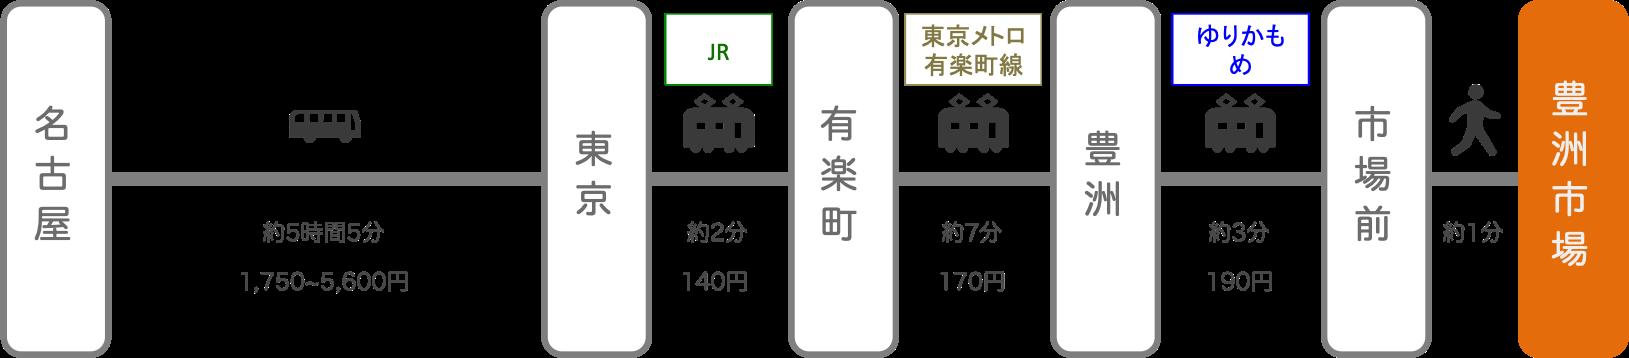 豊洲市場_名古屋(愛知)_高速バス